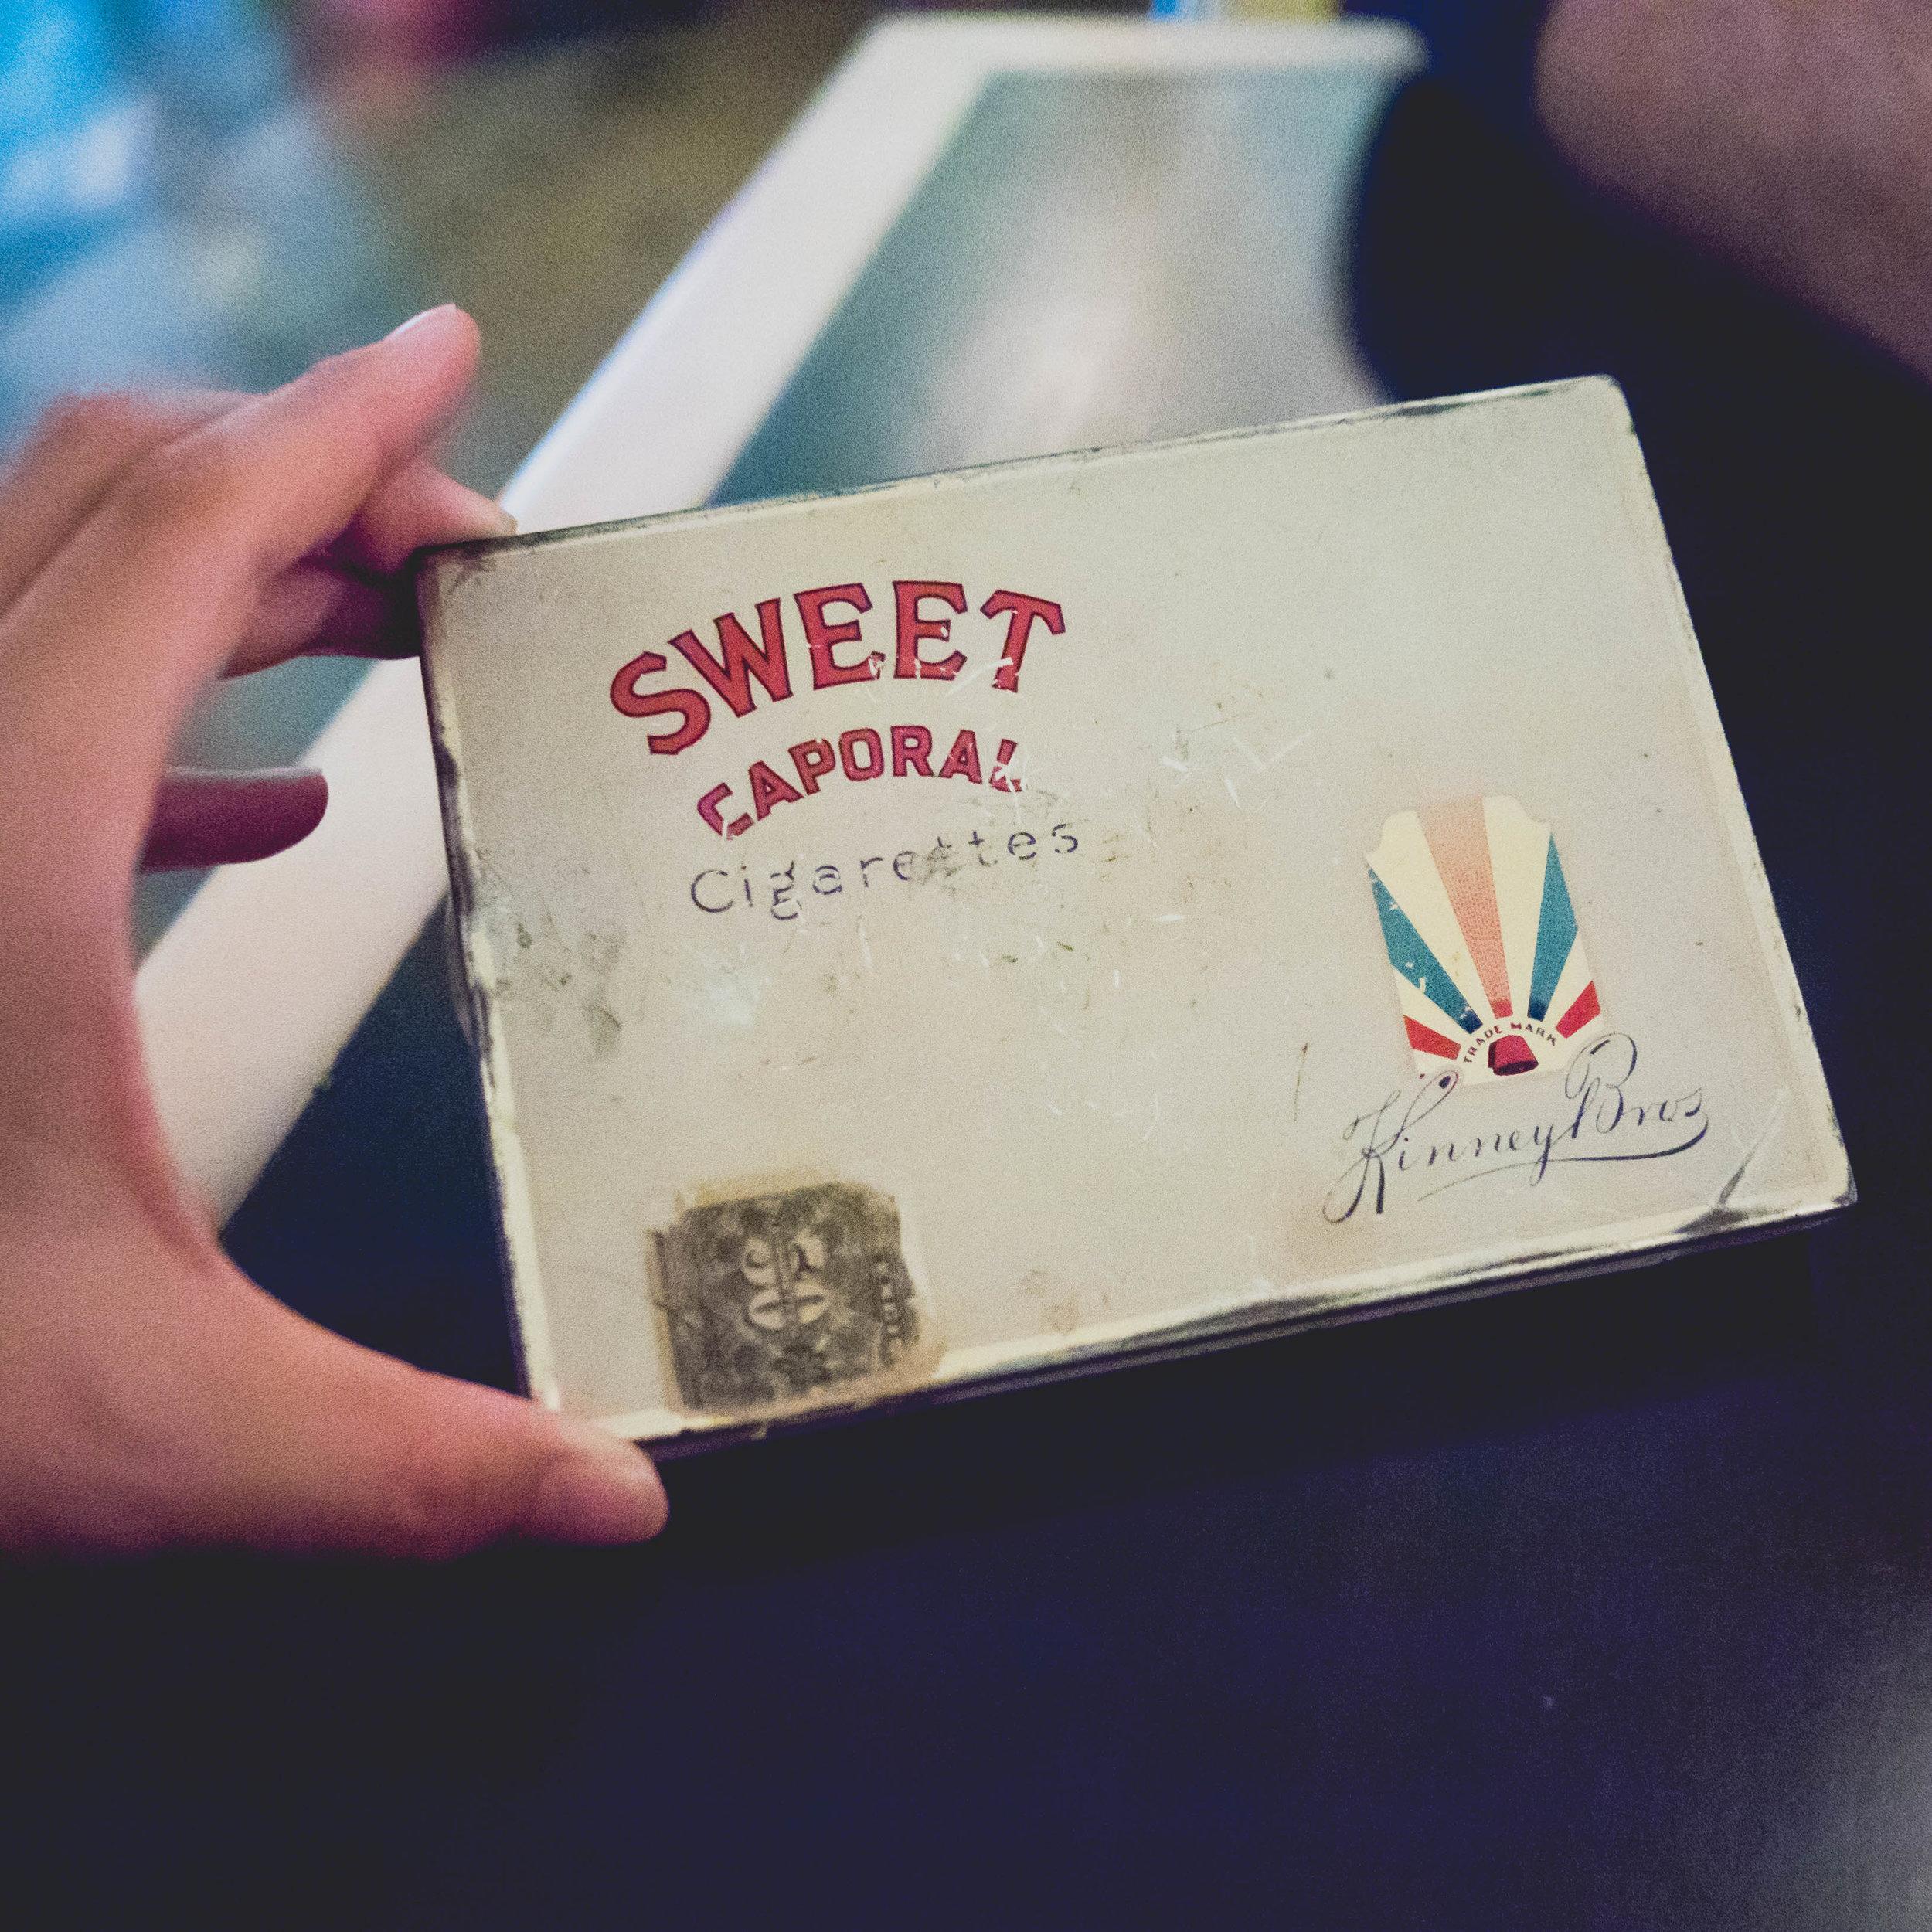 cigarette box for the check.